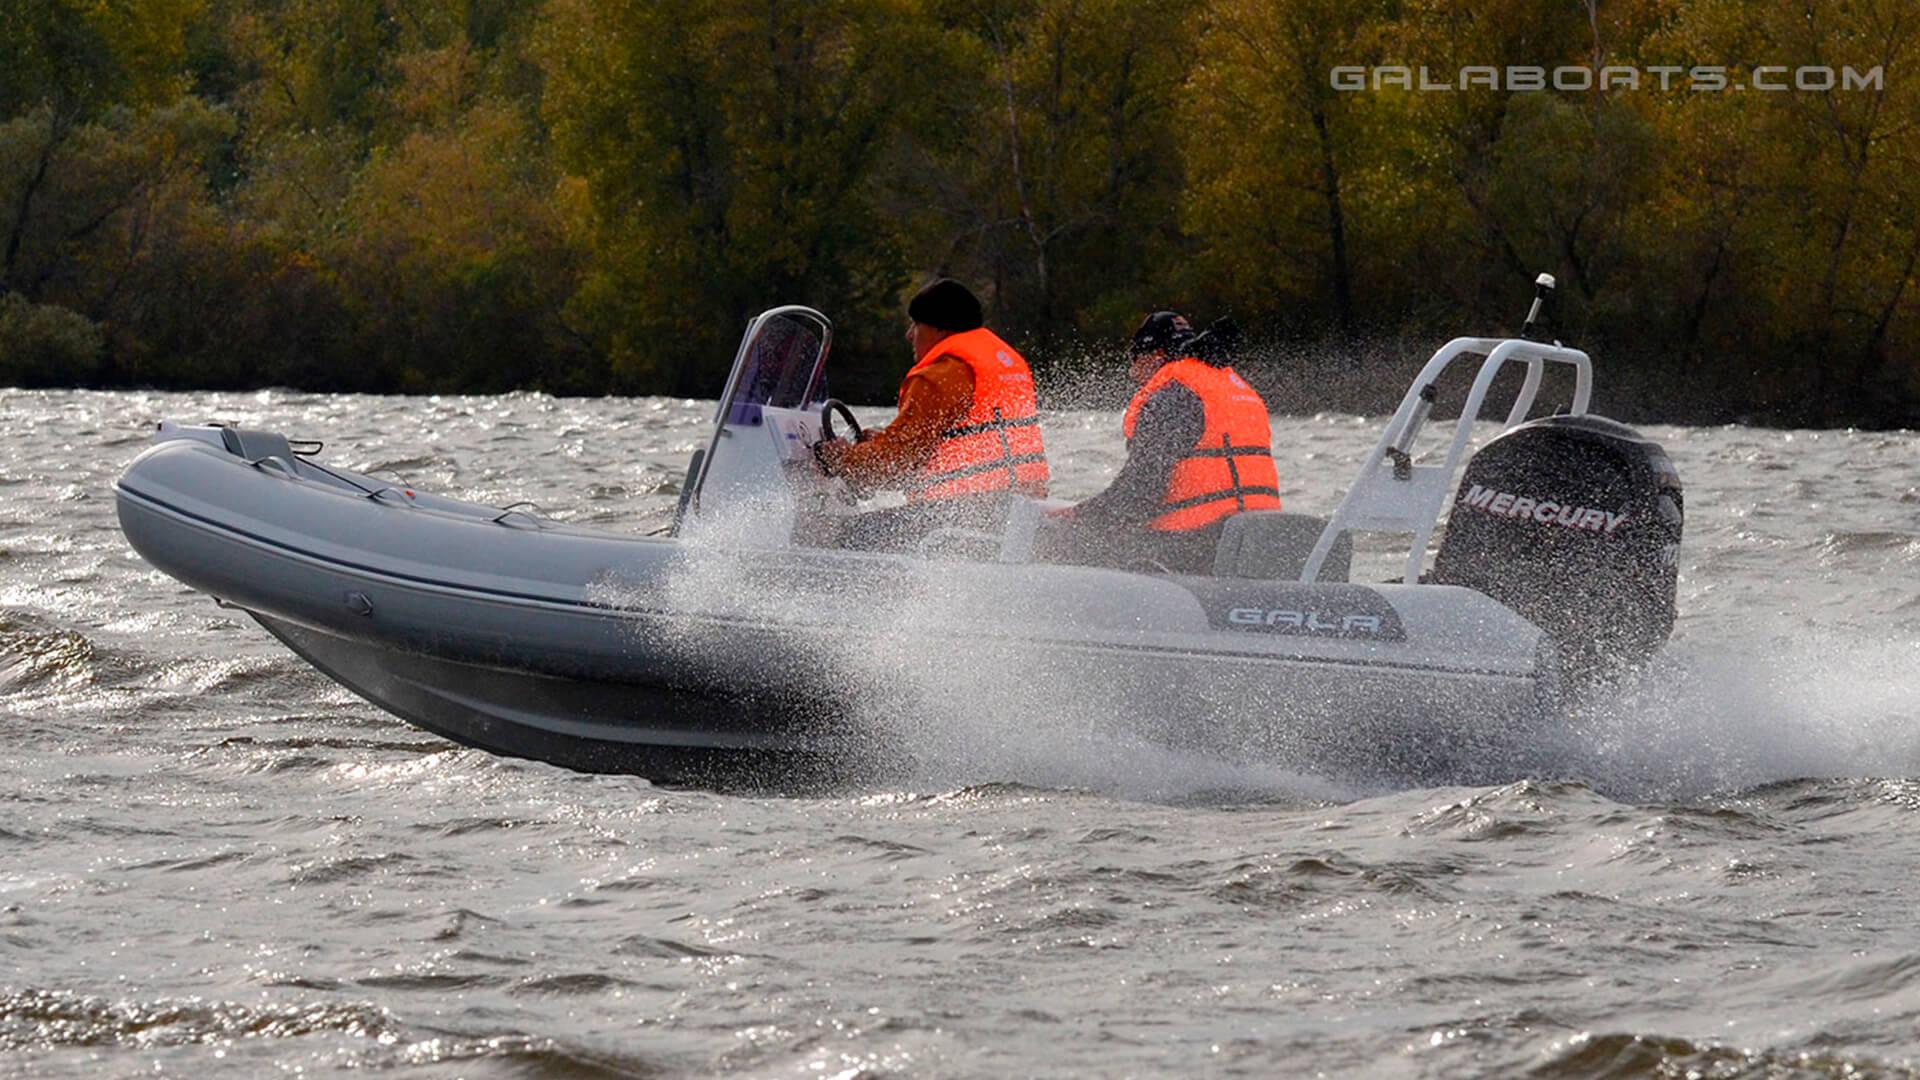 Надувная лодка с жестким алюминиевым дном GALA Viking V500, Надувная лодка с жестким дном GALA Viking V500, Надувная лодка с жестким дном GALA V500, Надувная лодка GALA V500, Надувная лодка GALA V500, GALA V500, лодка с жестким дном, алюминиевый риб, алюминиевый RIB, RIB